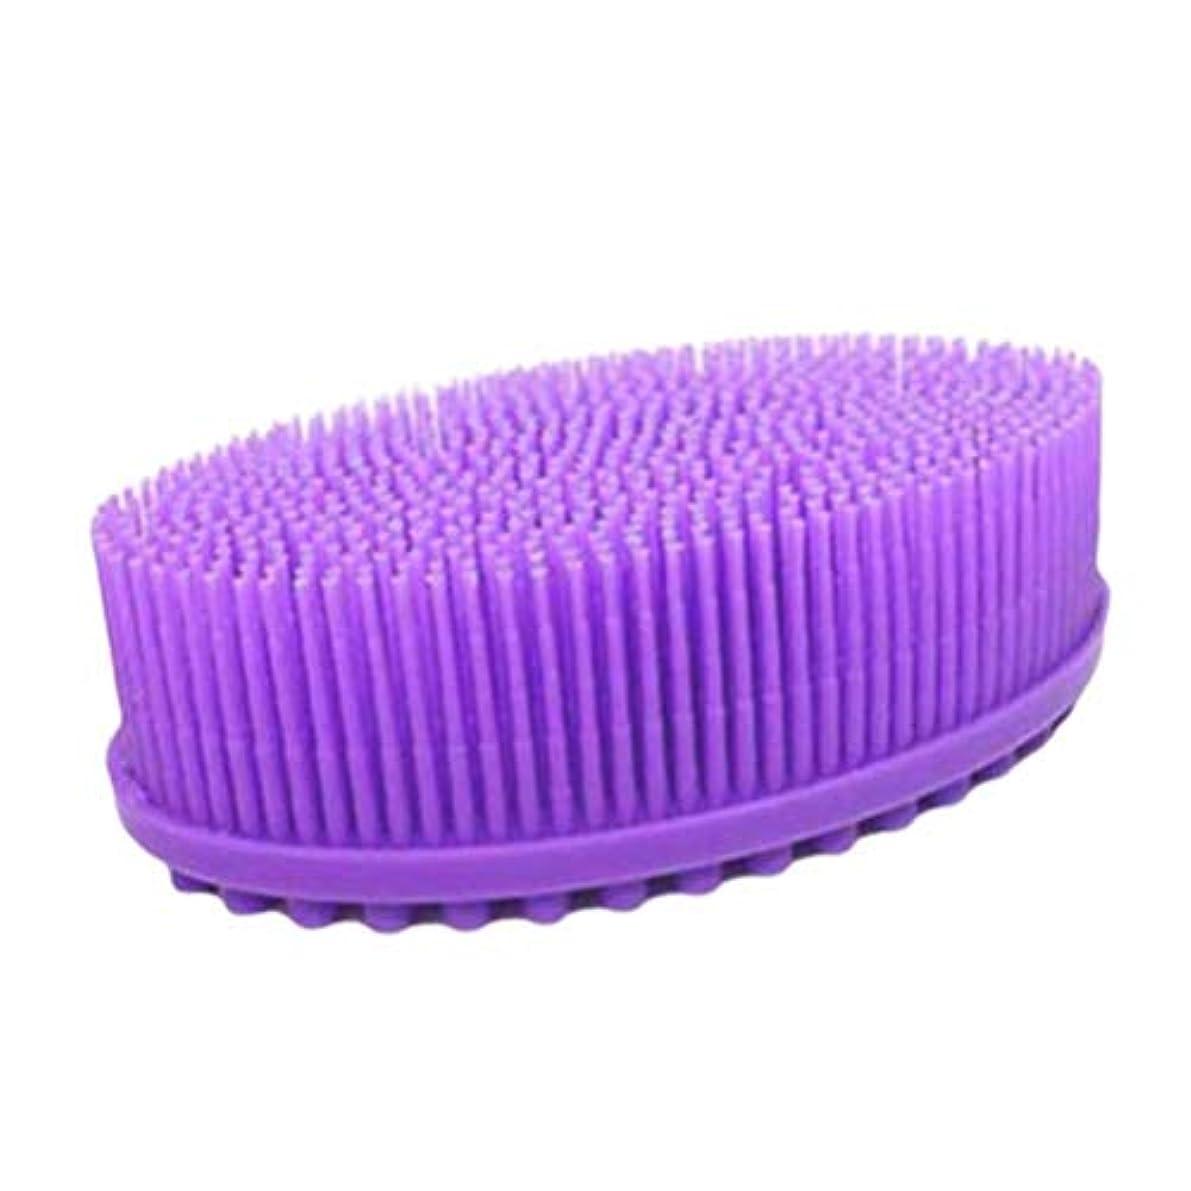 切手小道具あなたのものTOPBATHY ベビーシリコンボディヘアシャンプーブラシバスバックブラシスキンマッサージラウンドヘッドボディシャワーブラシ(紫)